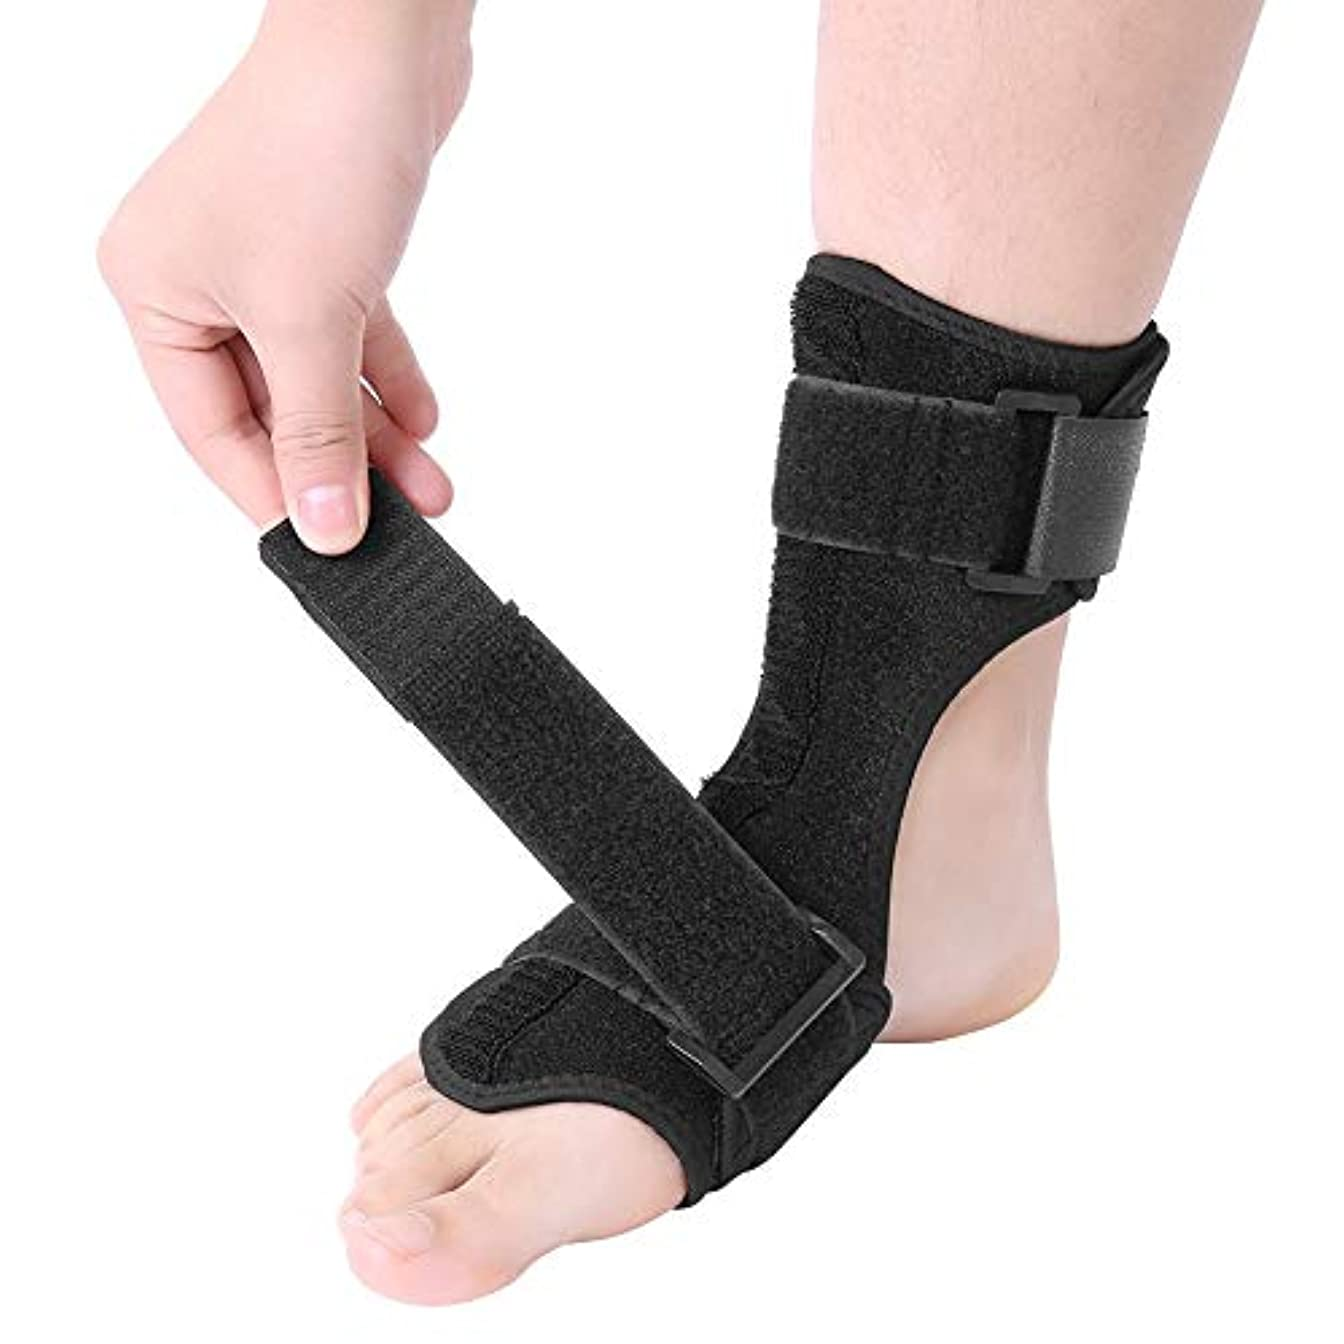 お手伝いさん哀れな感謝祭フットドロップコレクターフットドロップ副木矯正骨折捻挫外傷サポートラップ足首ブレース